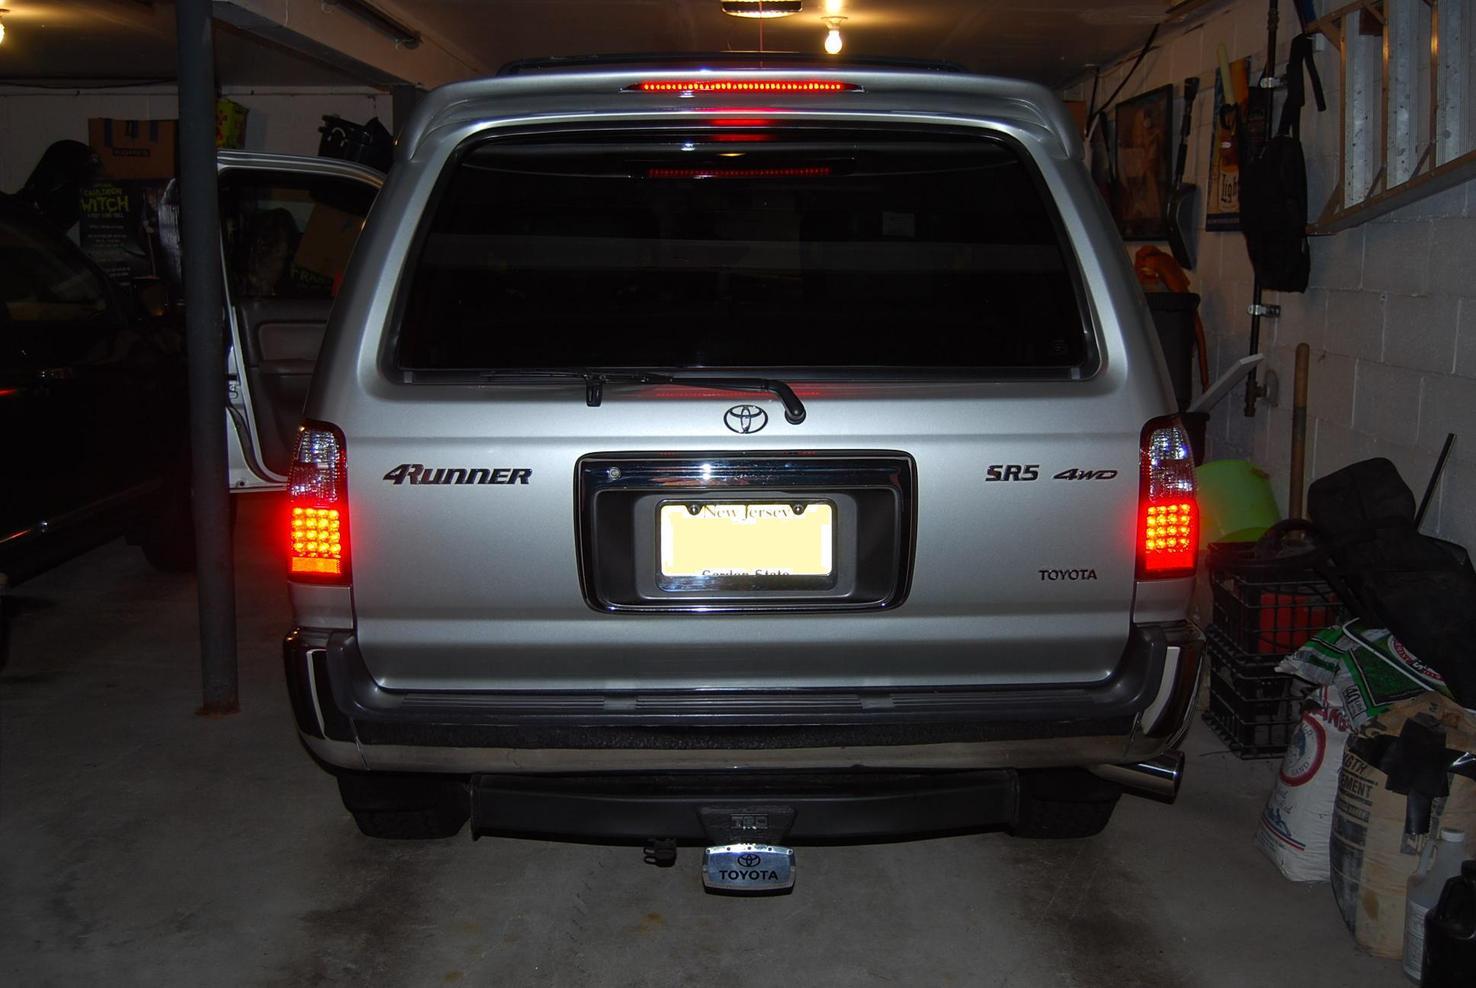 new led tail lights toyota 4runner forum largest 4runner forum Toyota Tacoma Tail Light Lens dsc 0393 126 2 kb